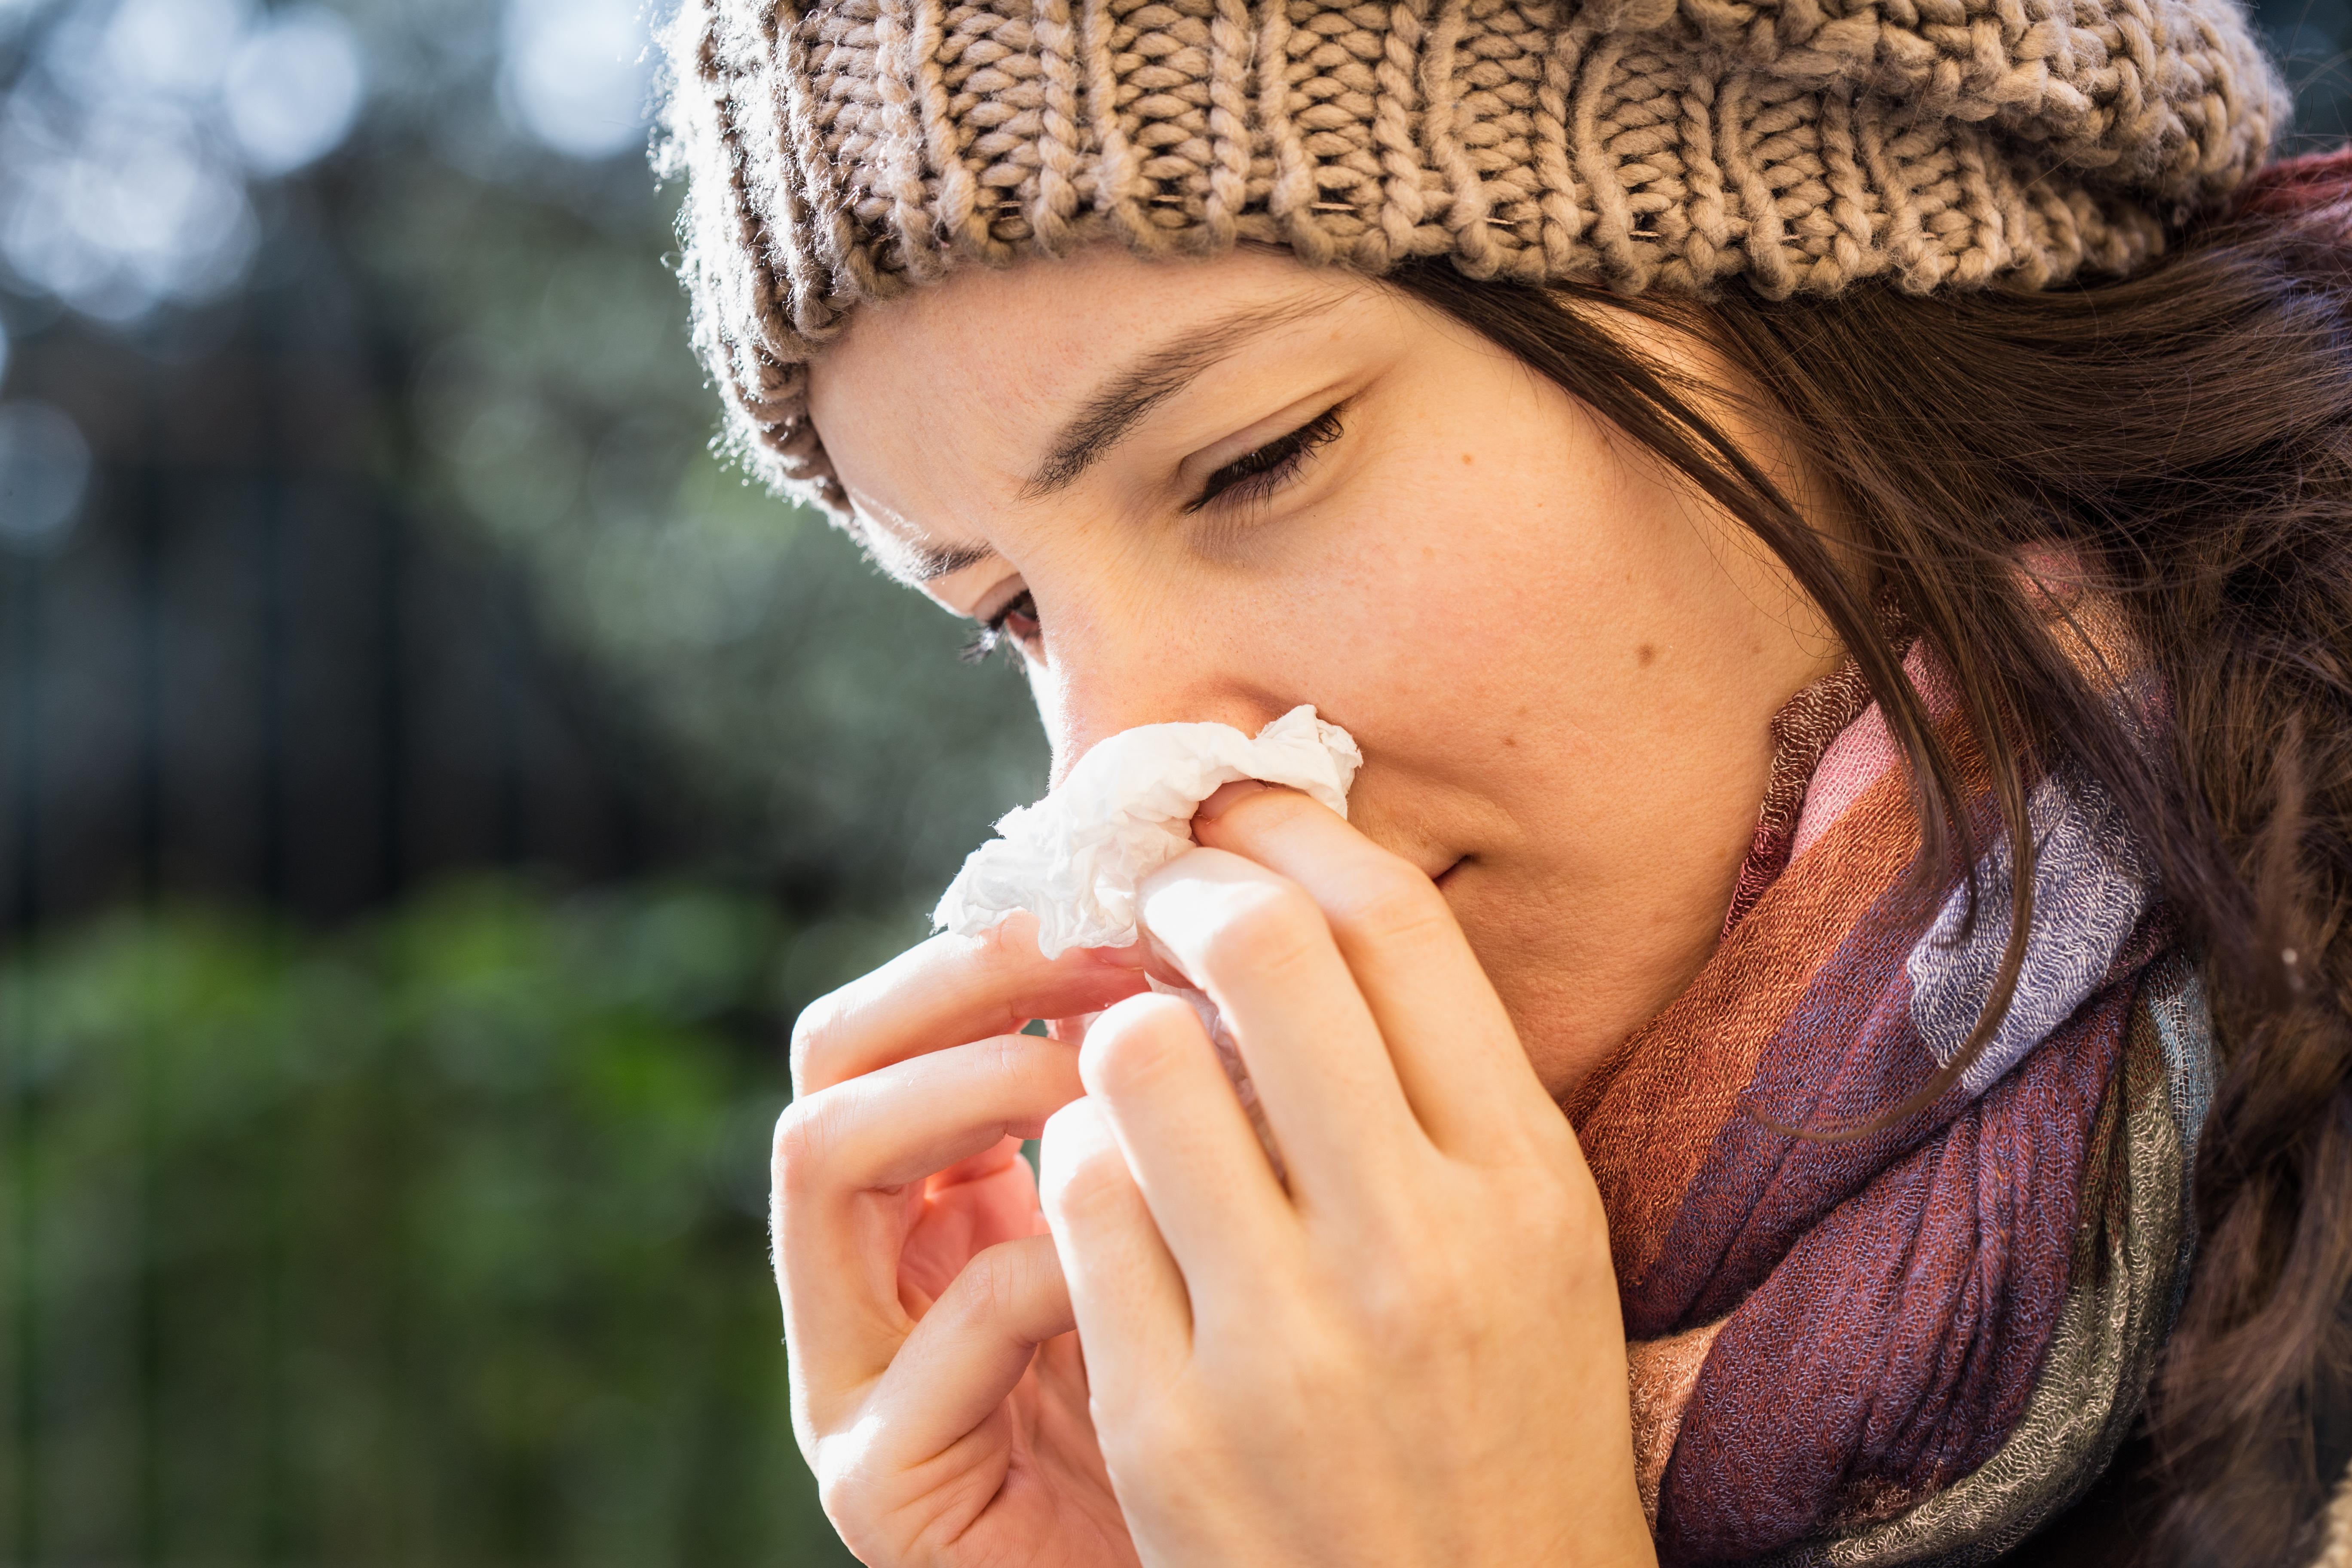 Besväras du ofta av näsblod, till exempel vid förkylning, kan det vara bra att ha blodstoppande vadd nära till hands.